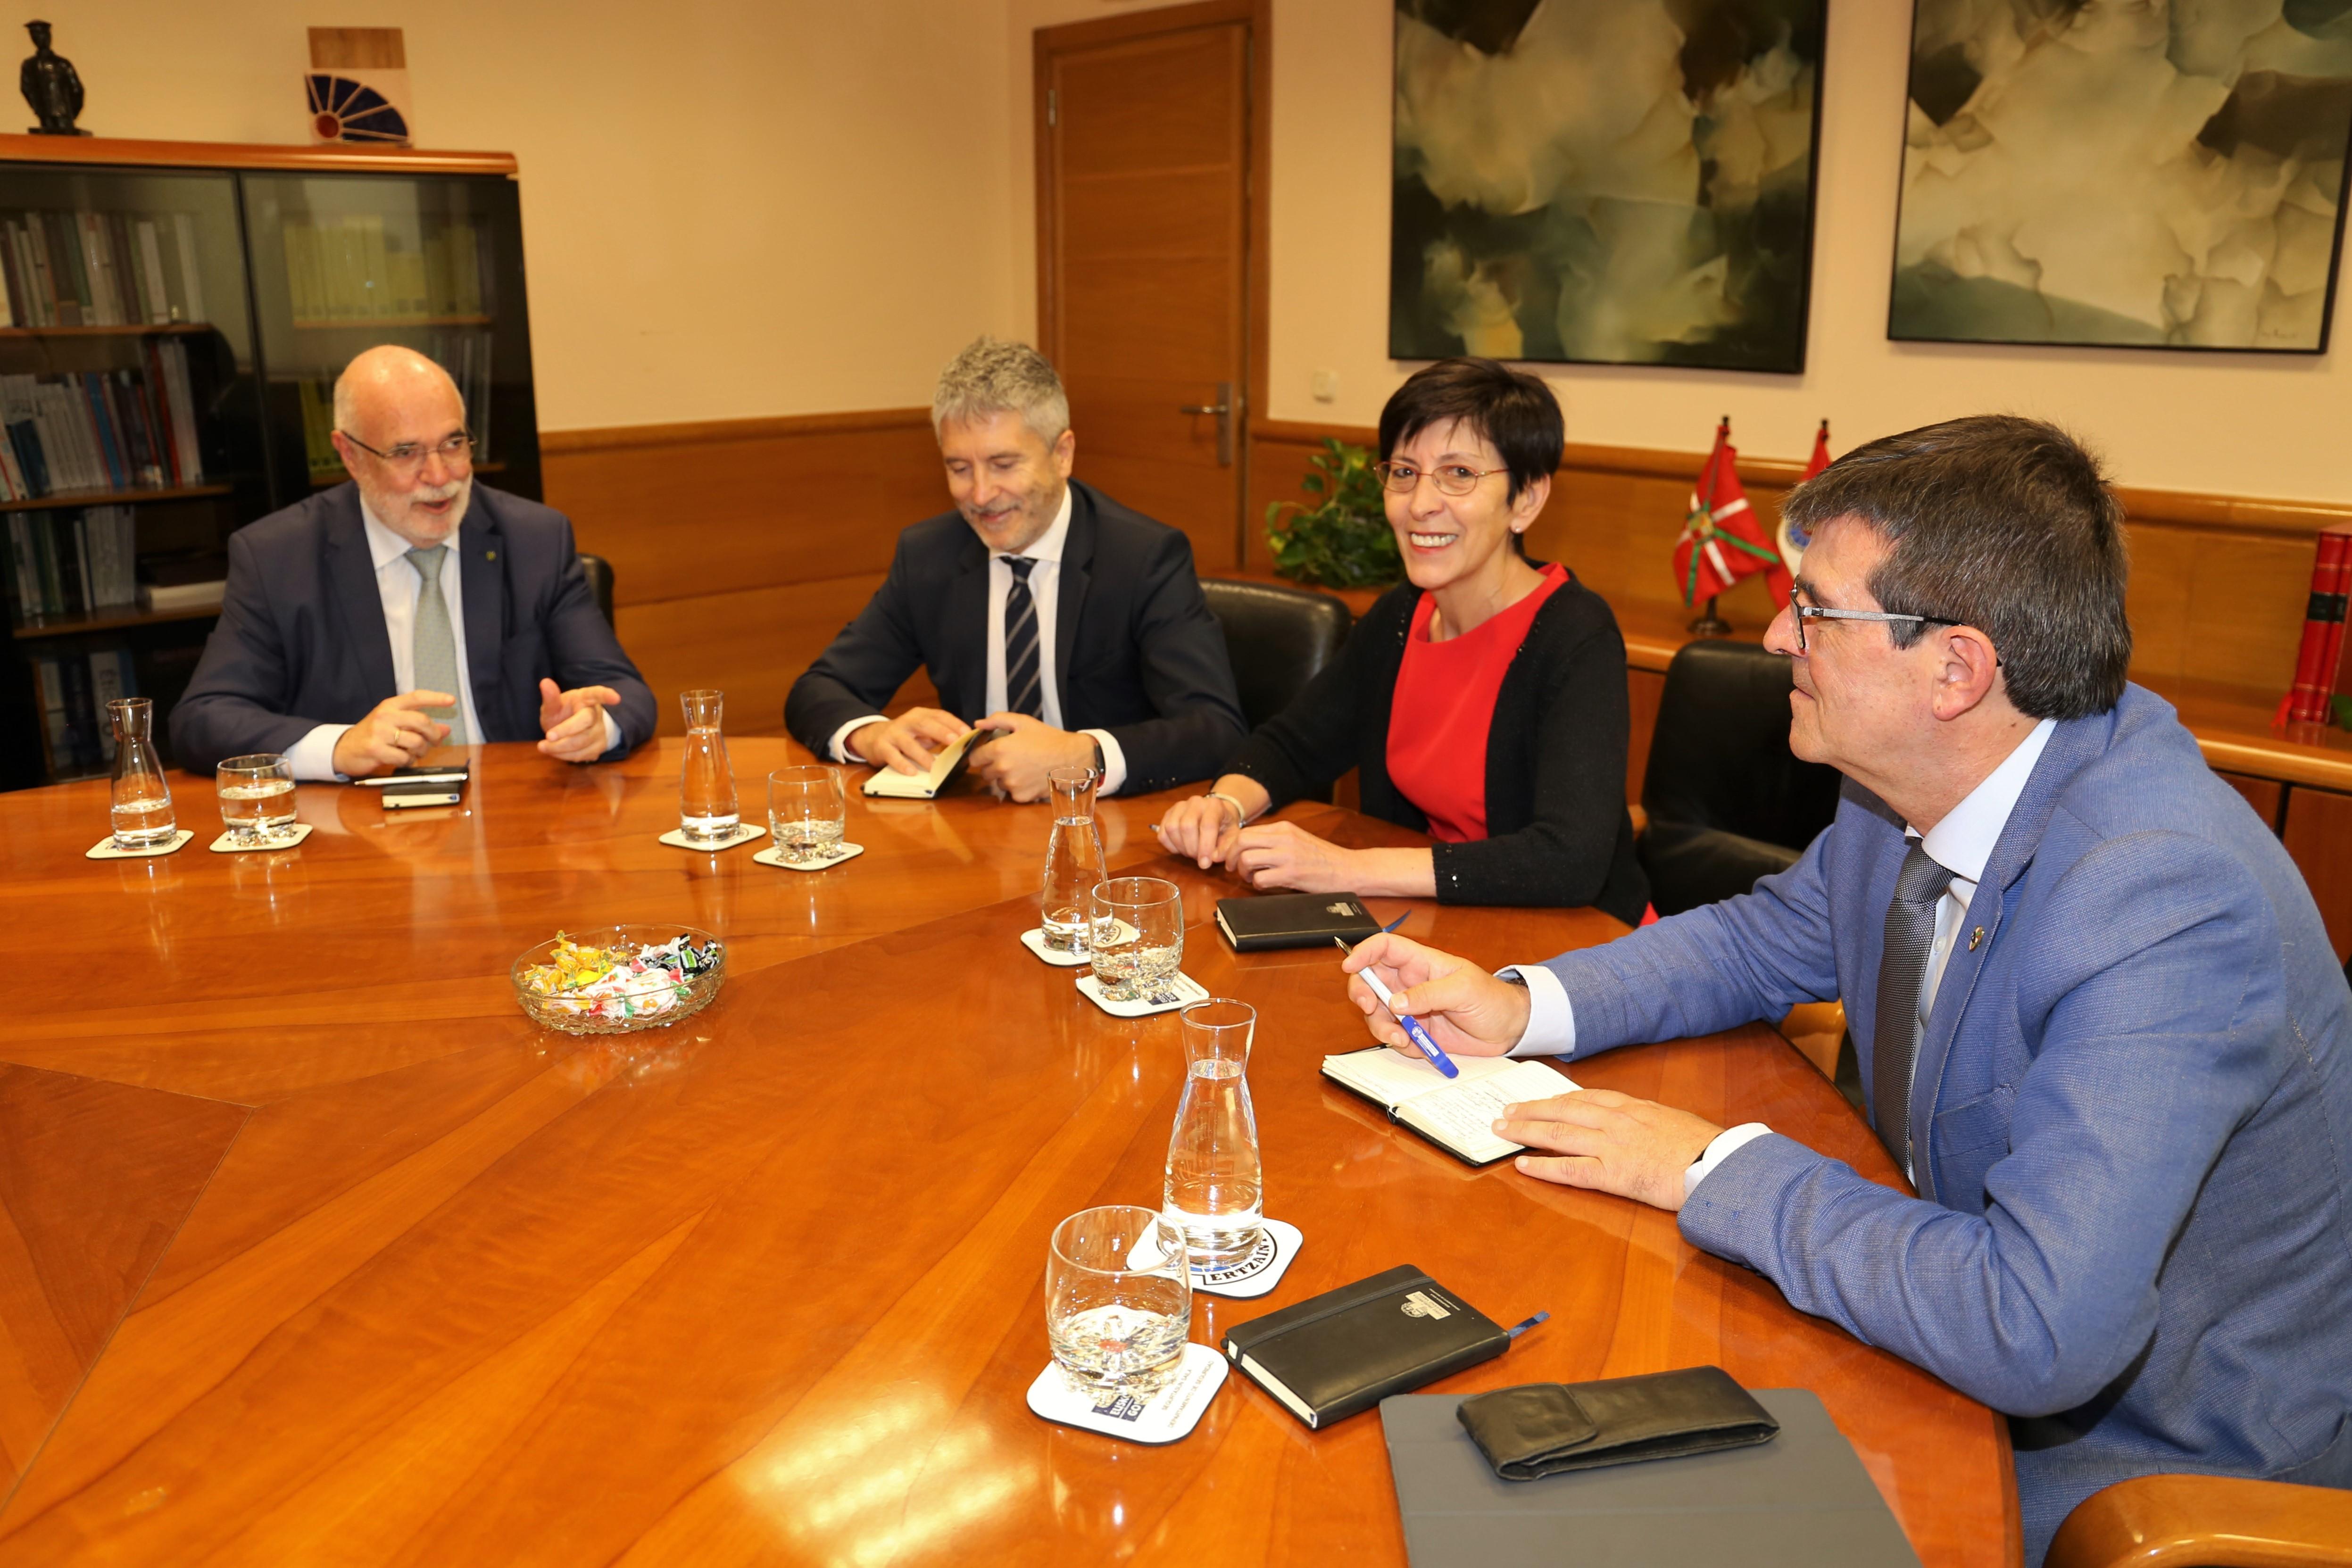 La Consejera de Seguridad, Estefanía Beltrán de Heredia y el Ministro del Interior, Fernando Grande-Marlaska se reúnen en Lakua